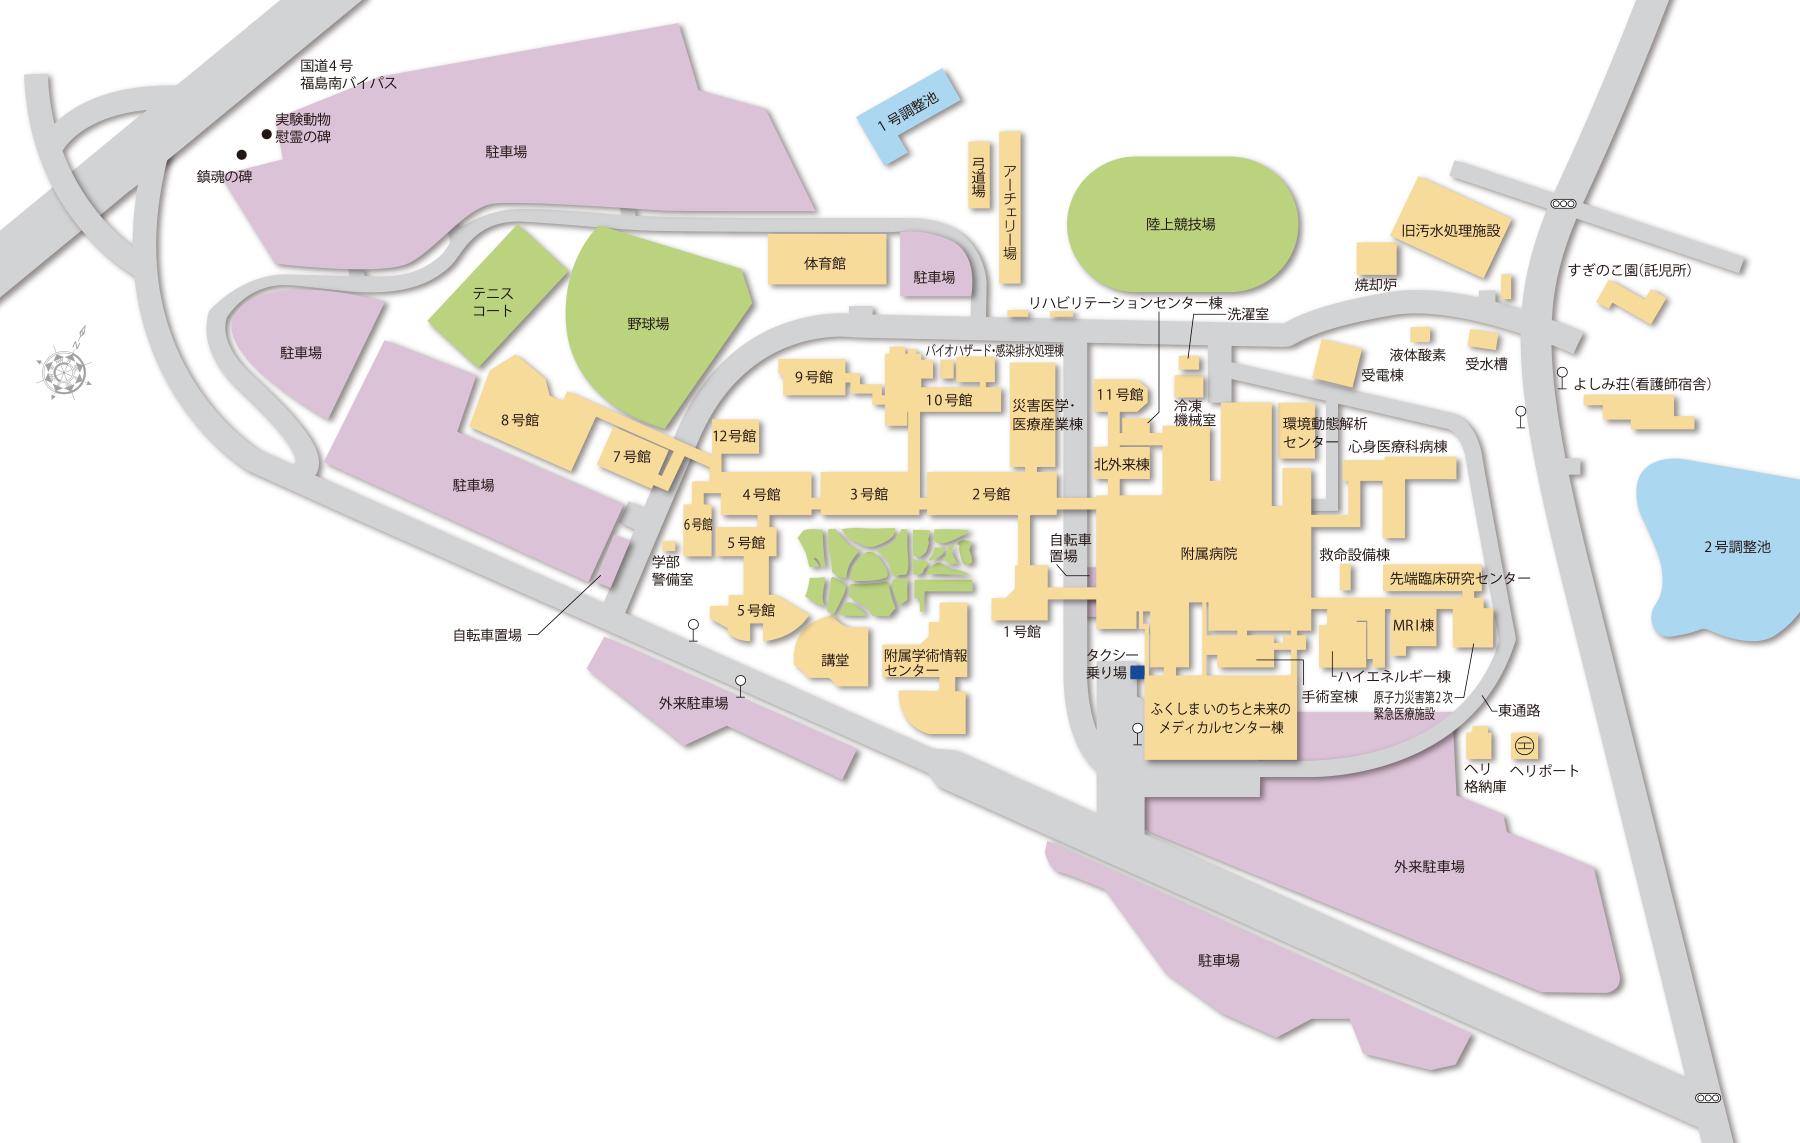 学内マップ 公立大学法人 福島県立医科大学